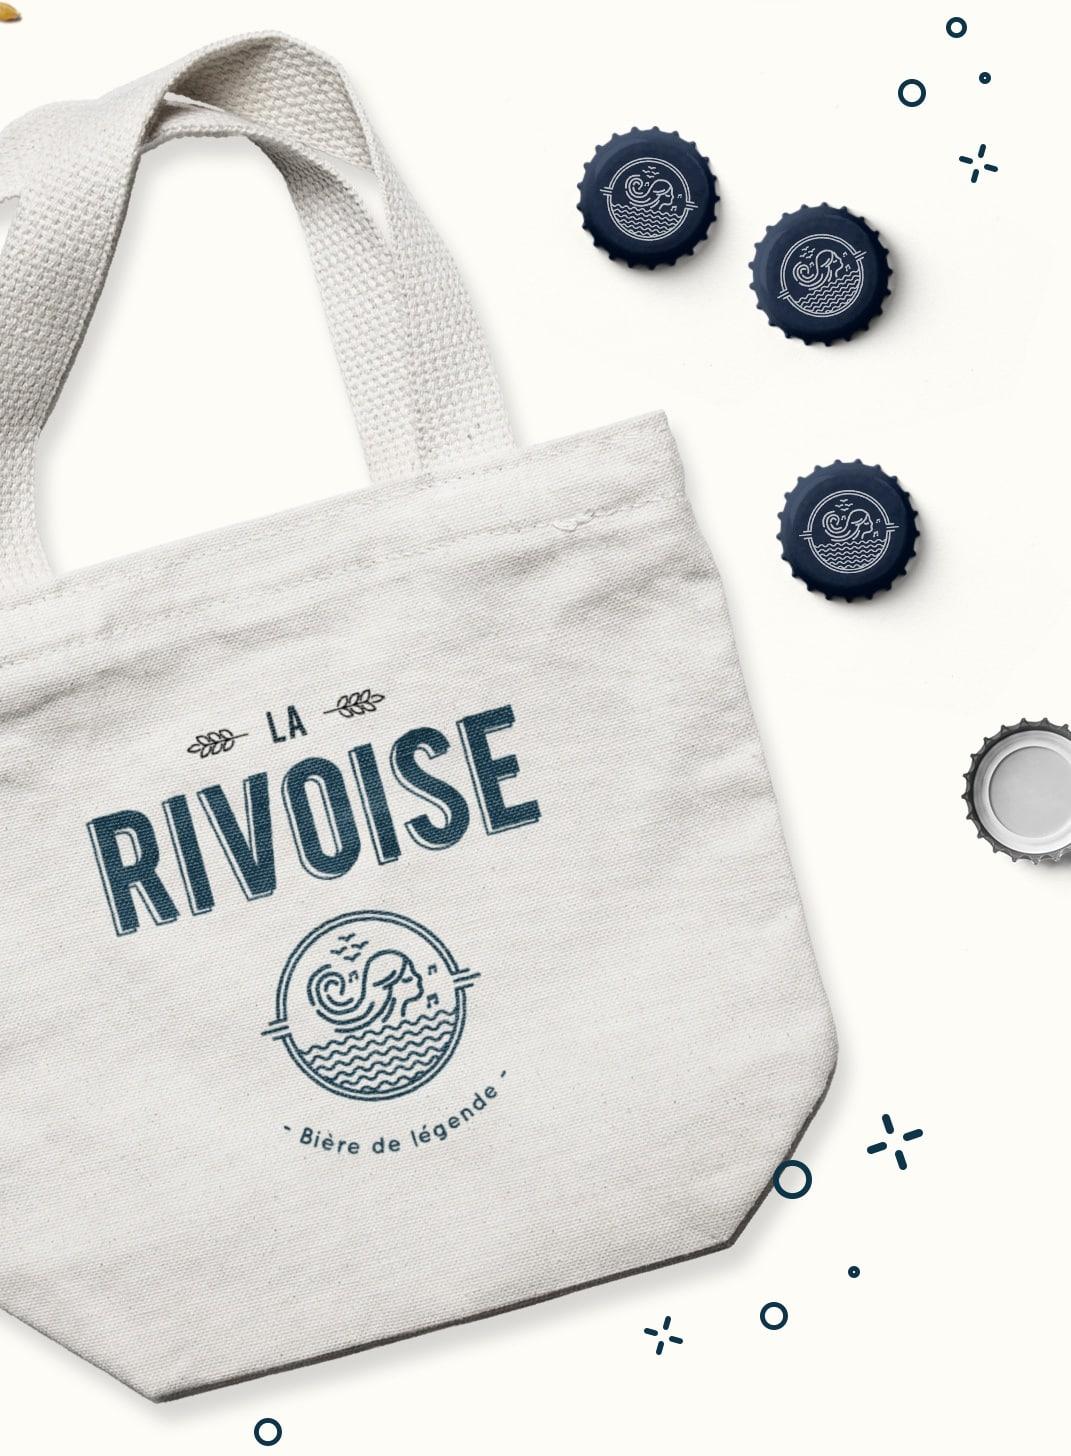 Rivoise_04